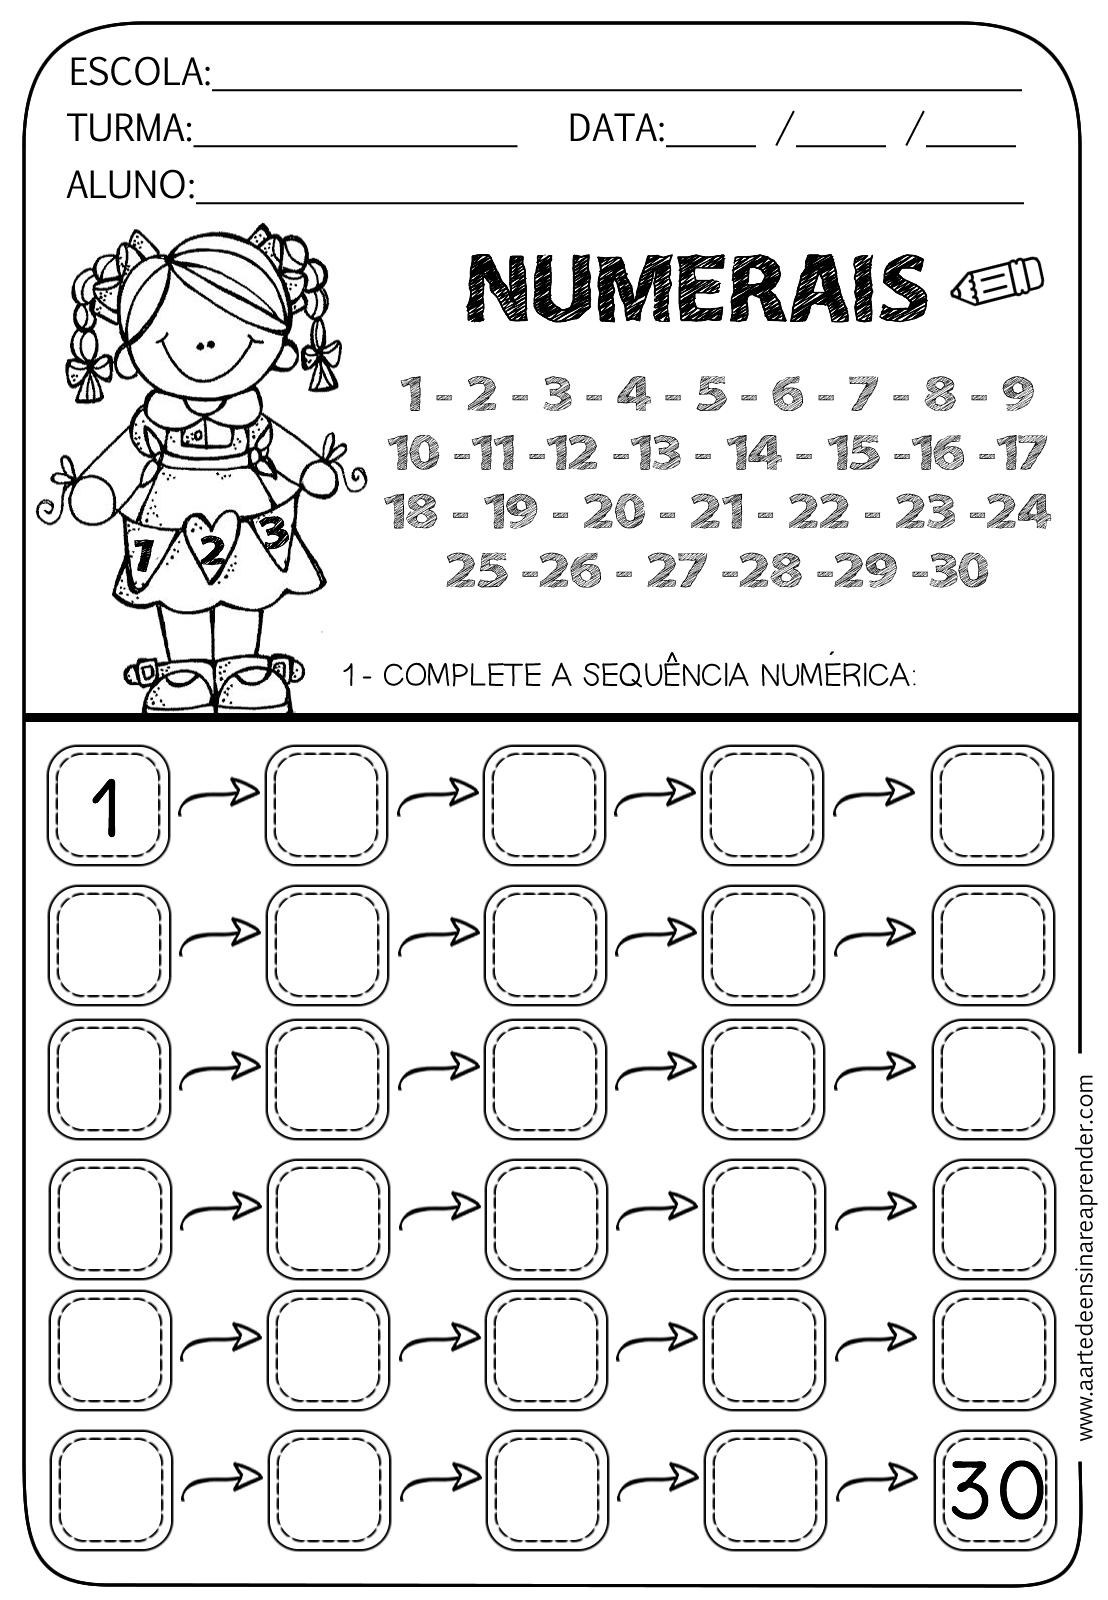 Atividade Pronta Sequência Numérica Do 1 Ao 30 A Arte De Ensinar